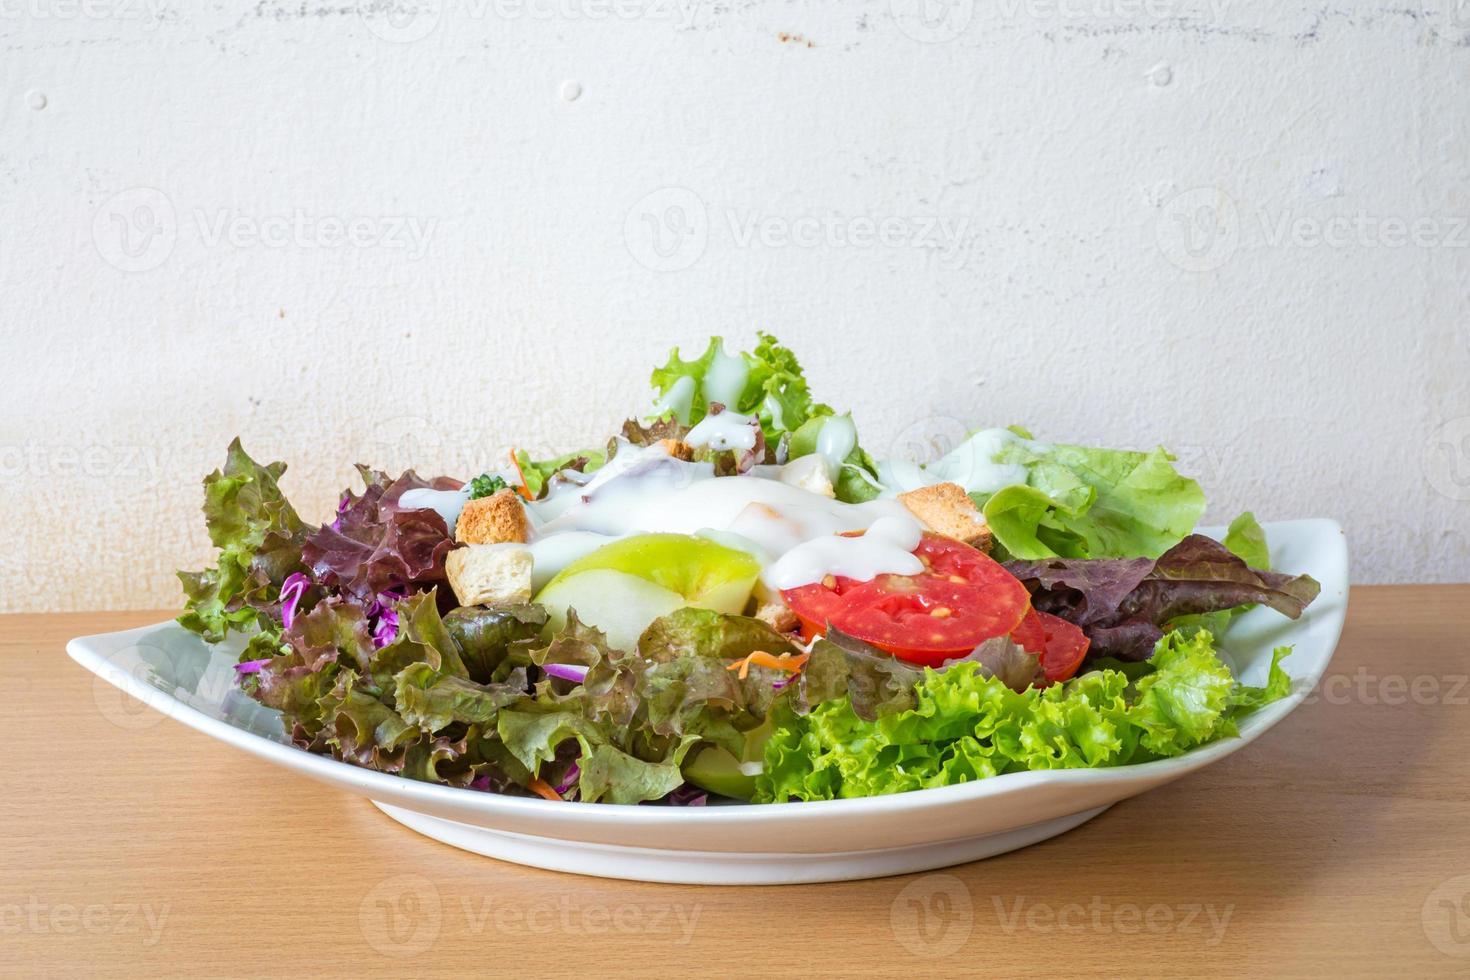 färsk blandad grönsaksallad, salladdressing. foto